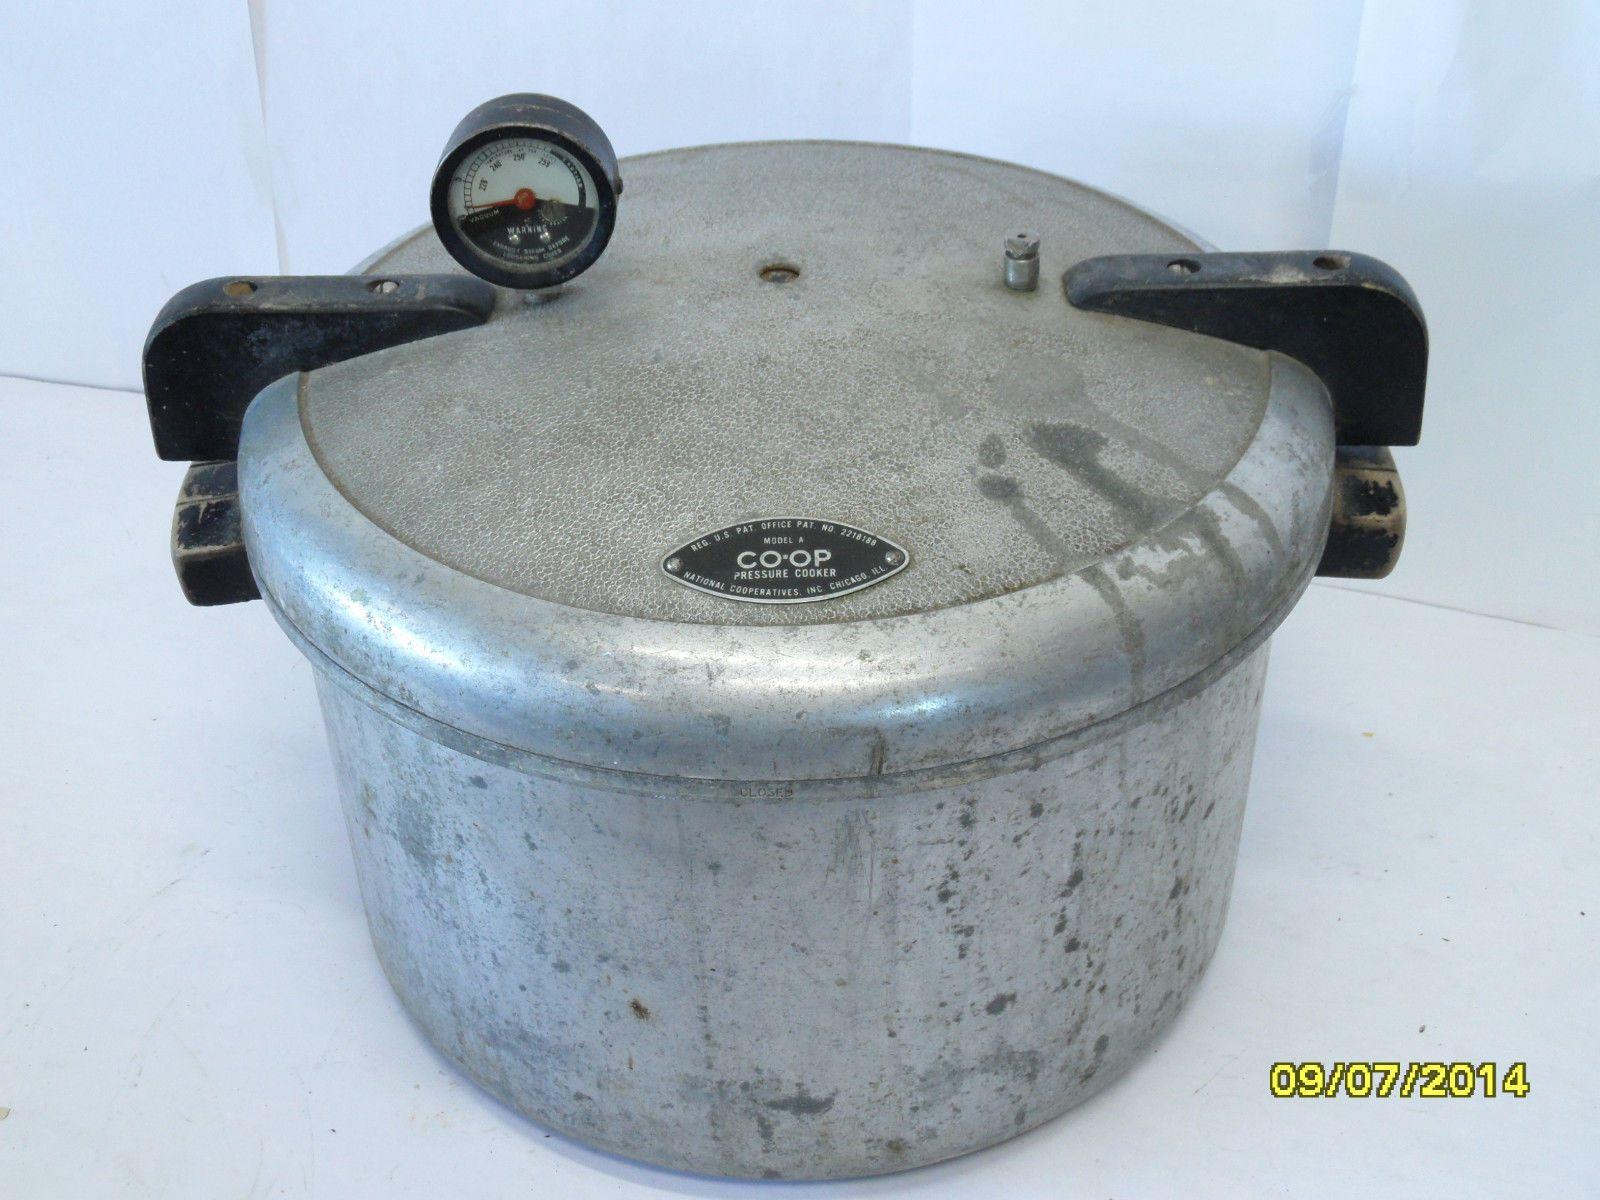 VINTAGE 1940 CO-OP Pressure Cooker Canning Pot National Pressure ...